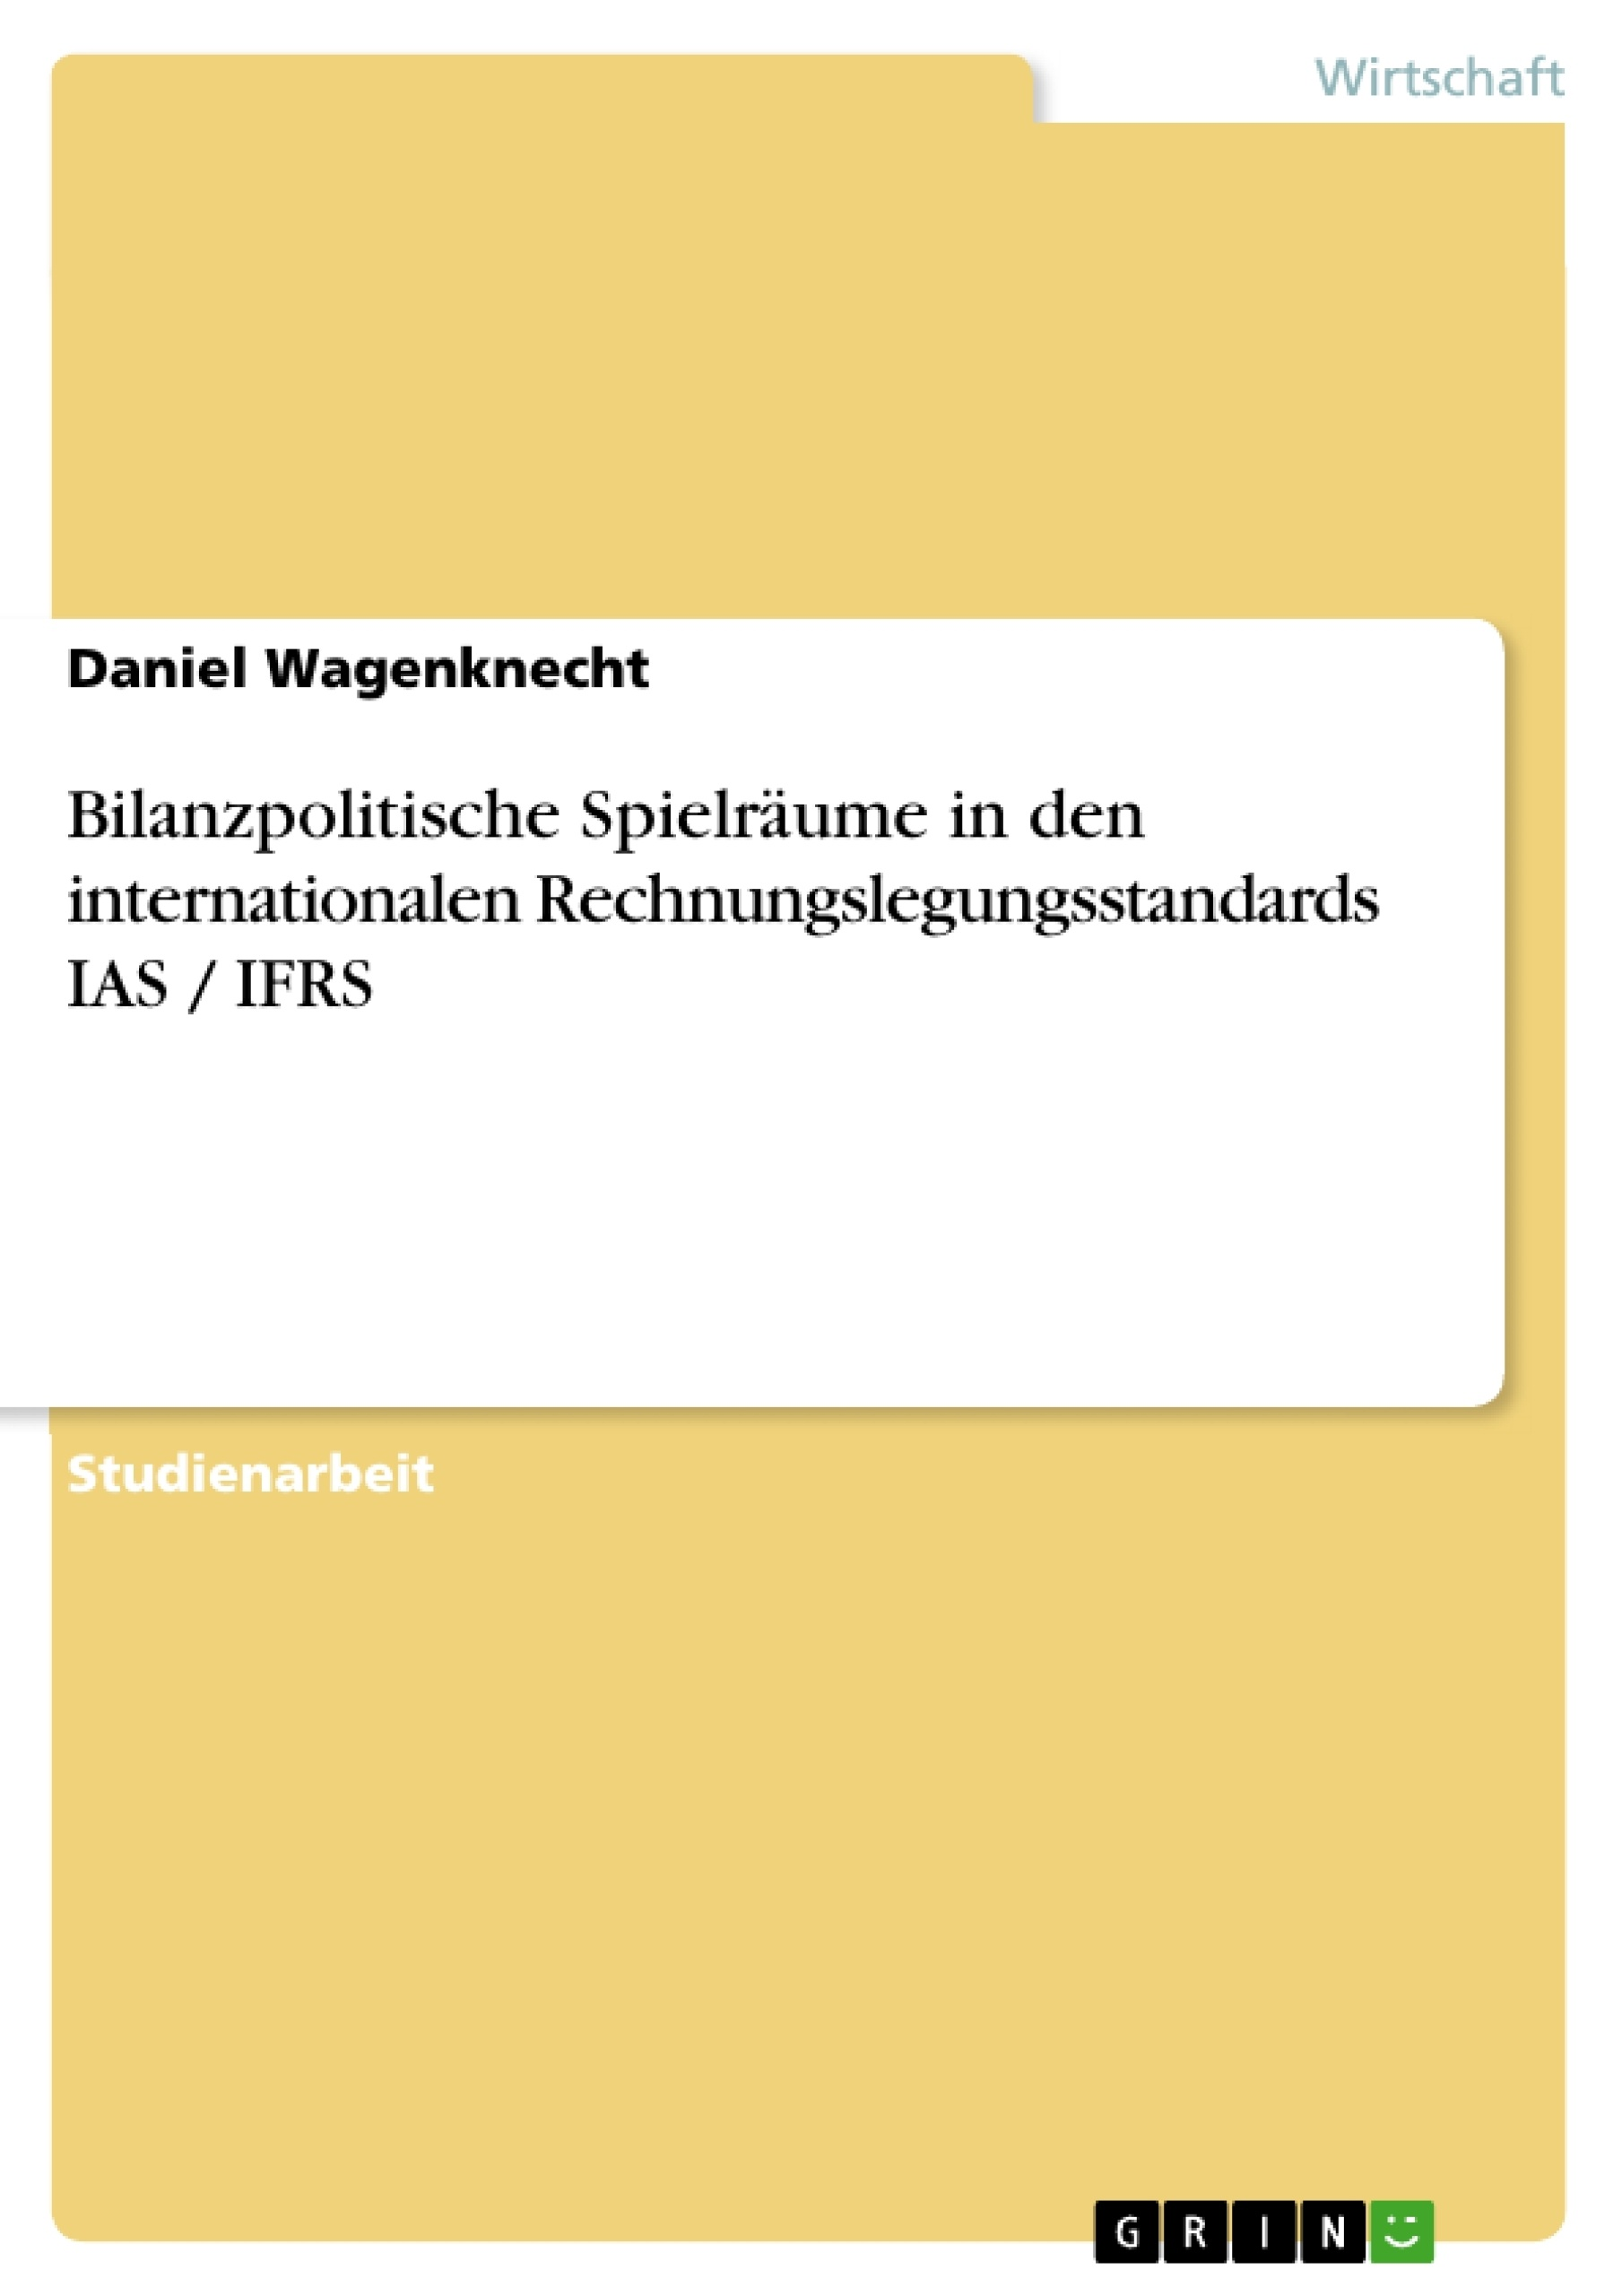 Titel: Bilanzpolitische Spielräume in den internationalen Rechnungslegungsstandards IAS / IFRS